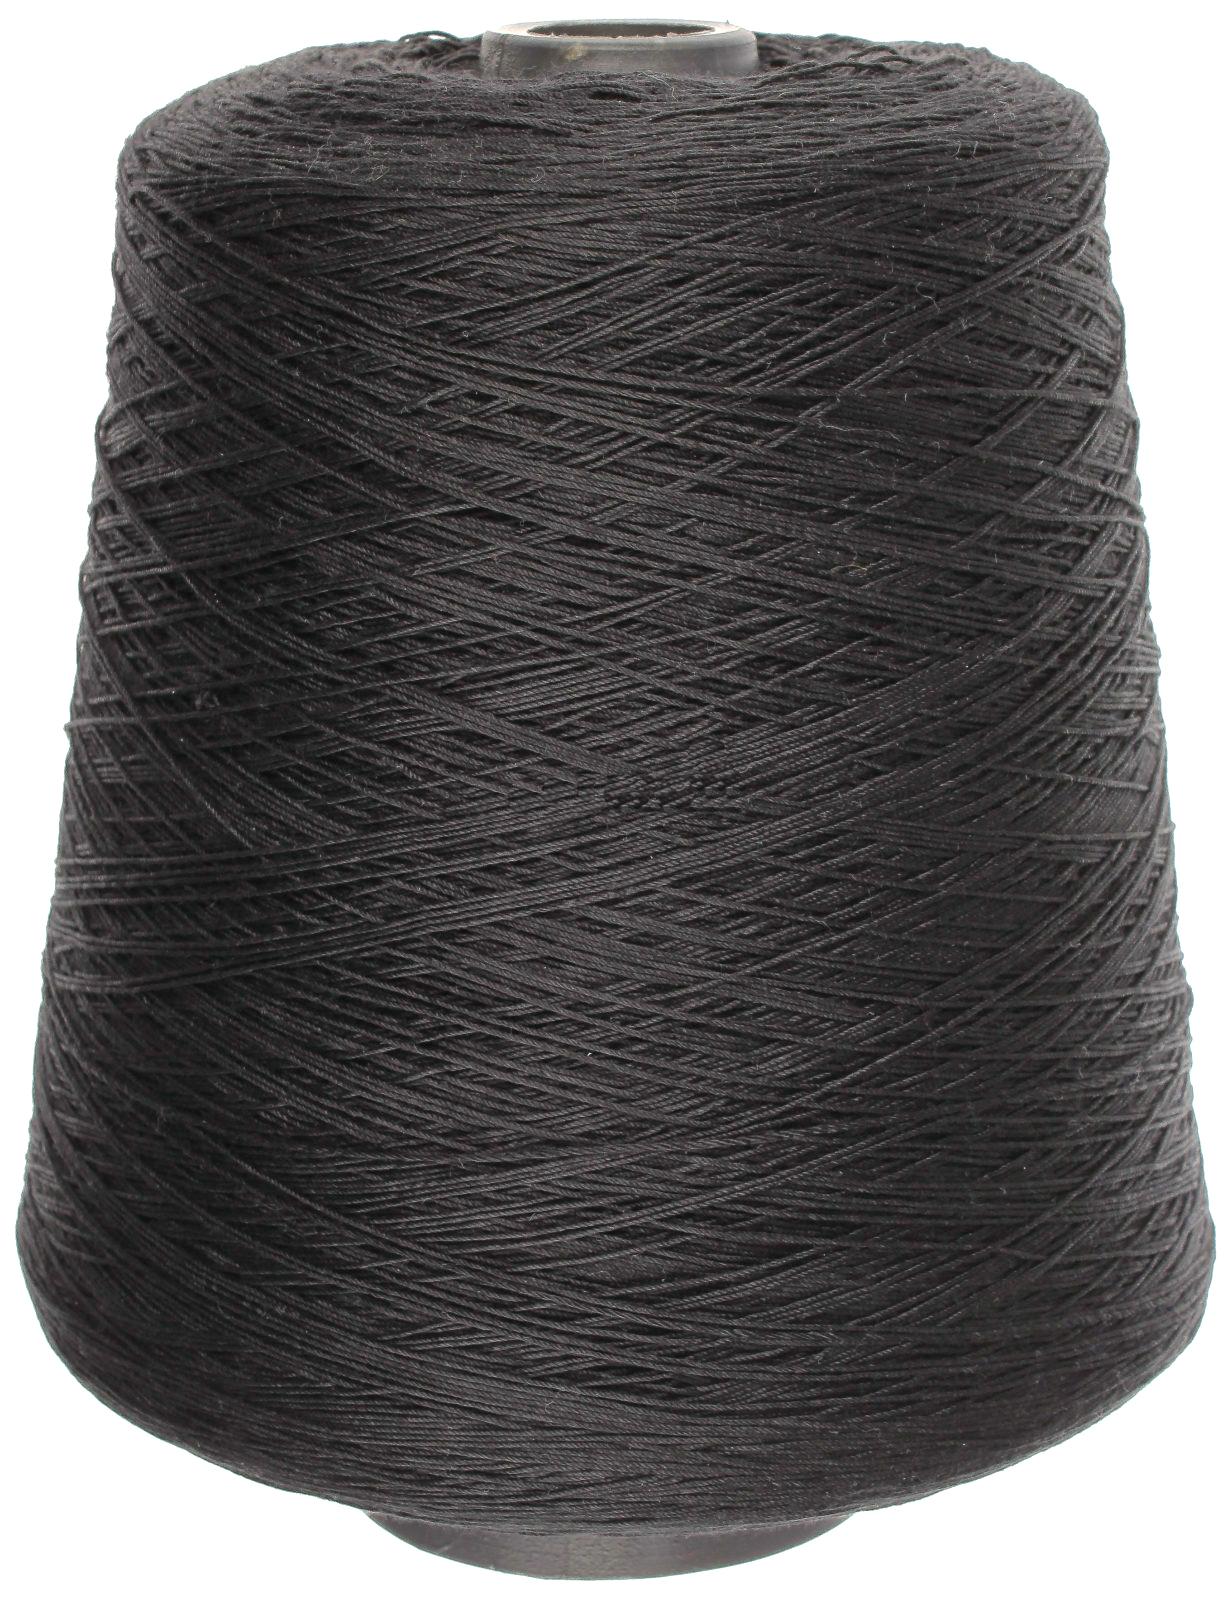 Нитки армированные швейные, 5000 м (цвет: черный), арт. 150 ЛХ